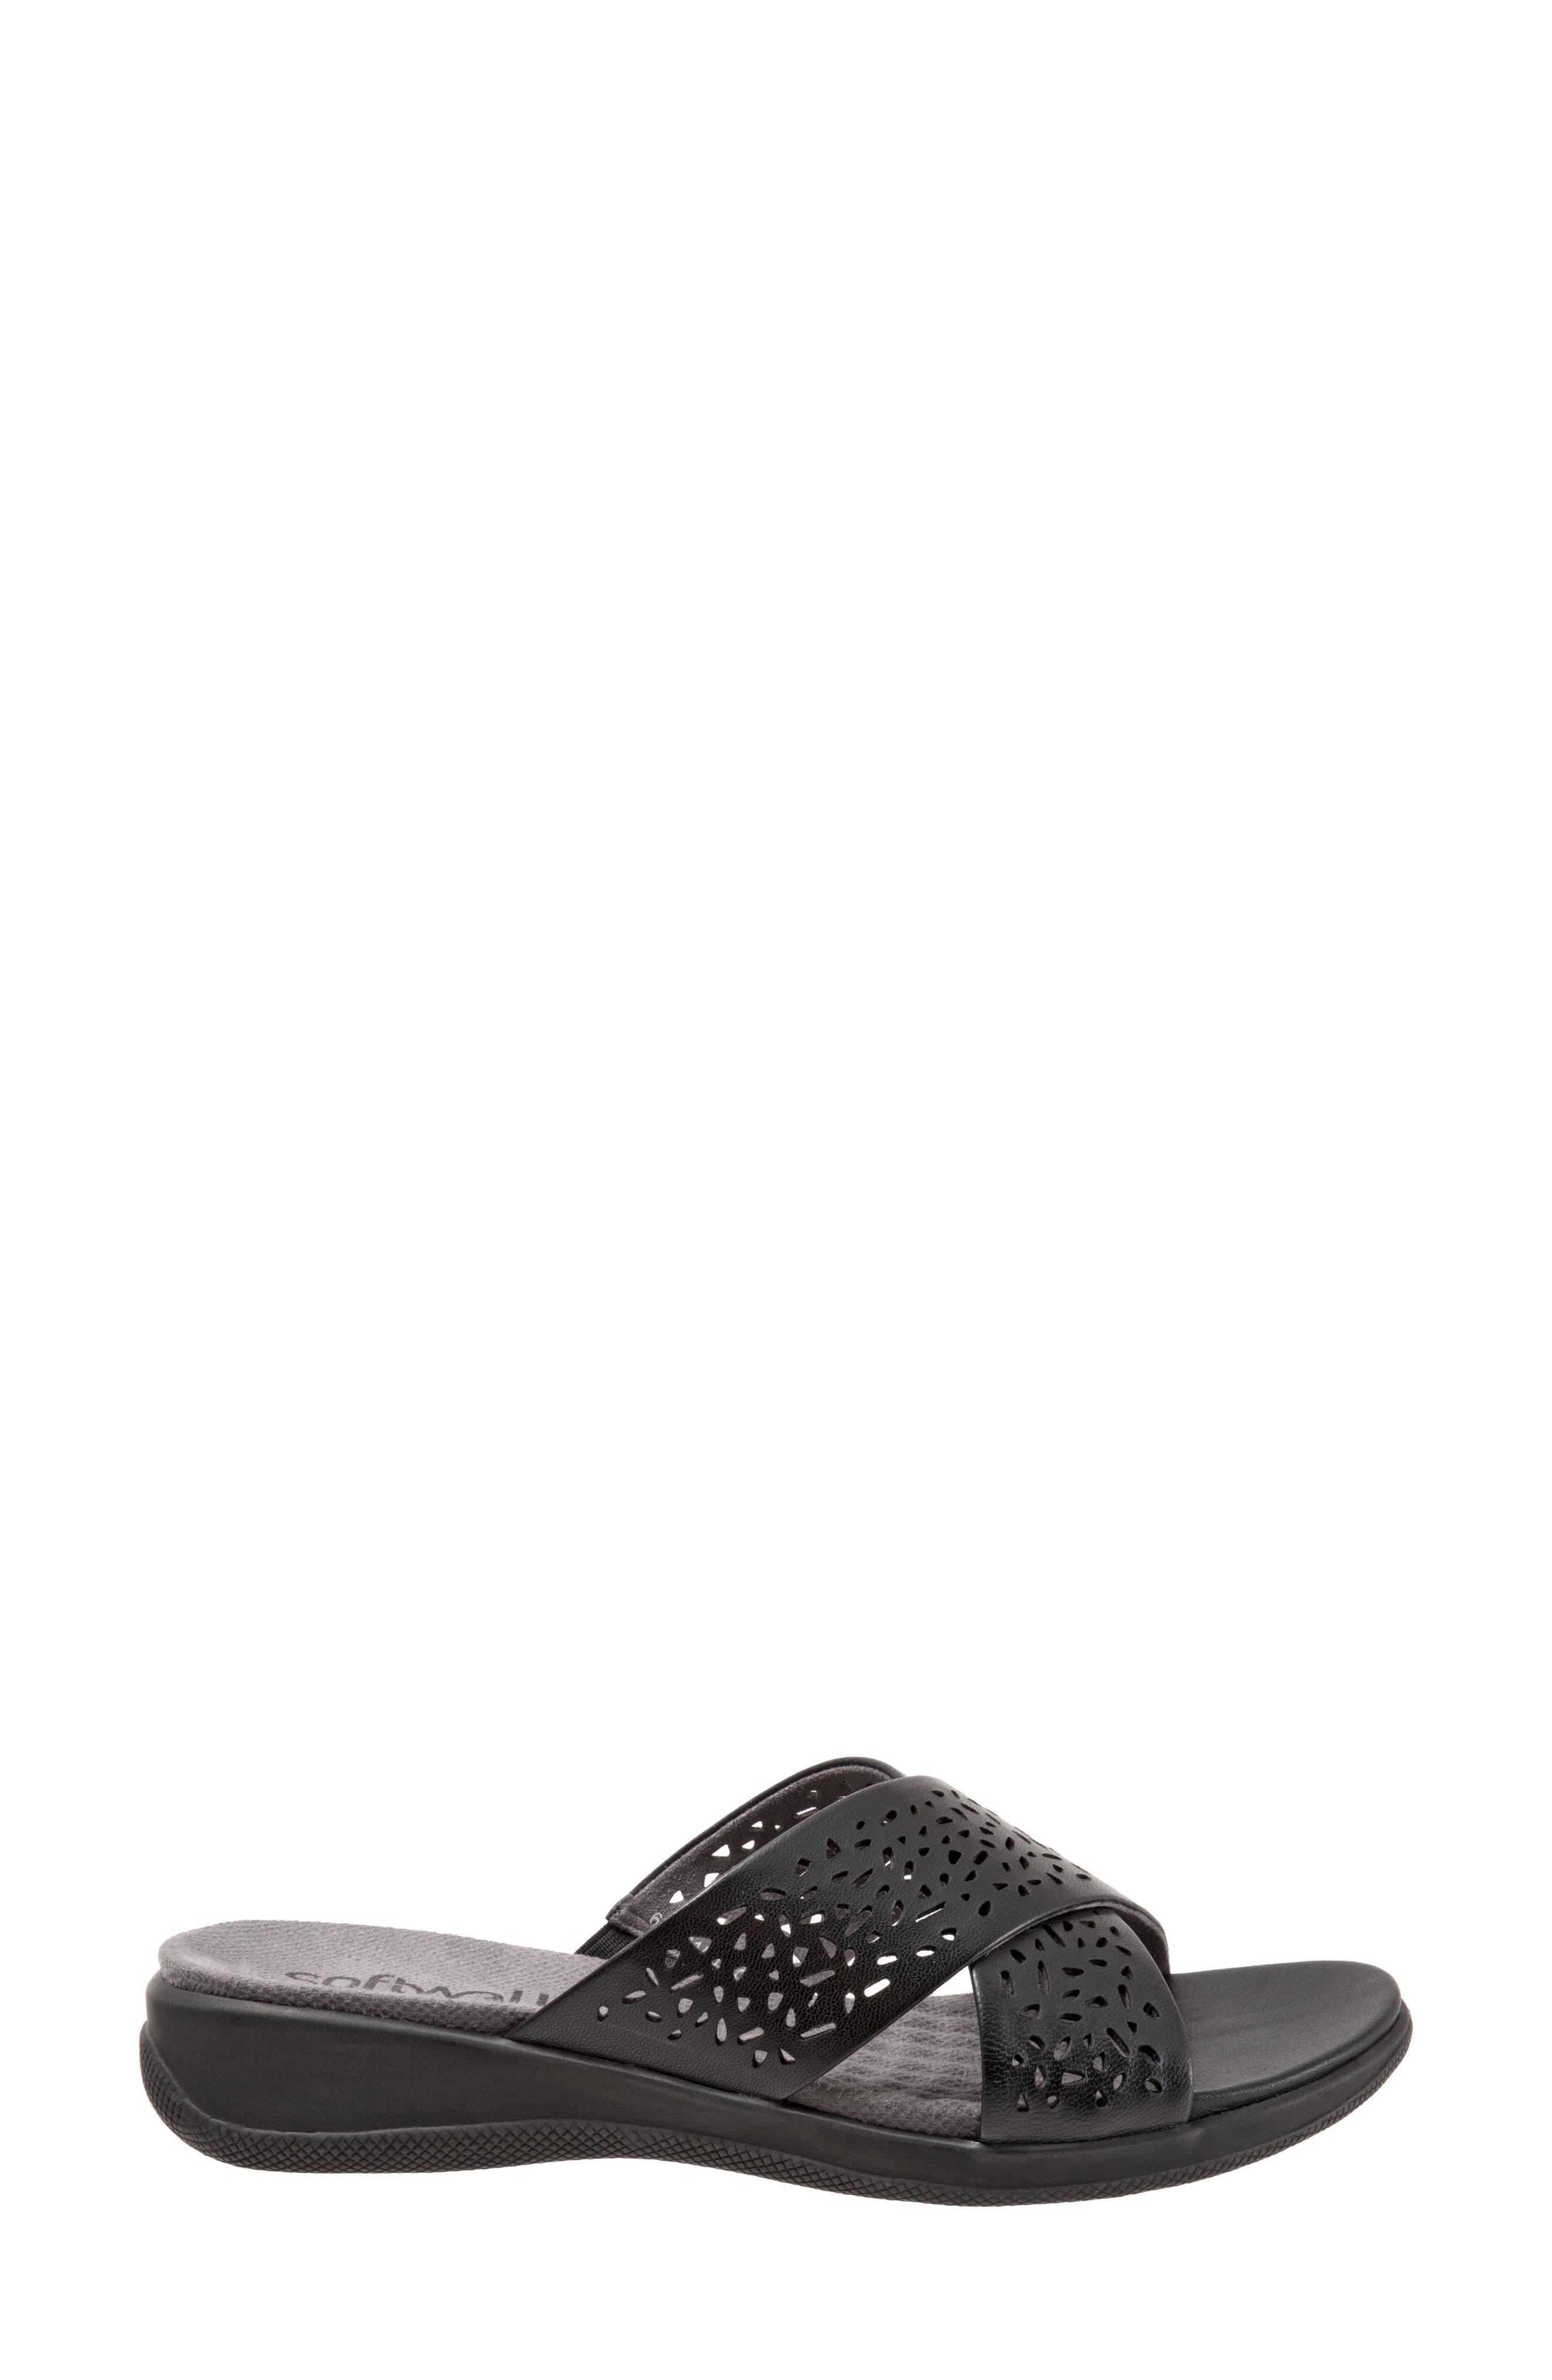 'Tillman' Leather Cross Strap Slide Sandal,                             Alternate thumbnail 3, color,                             006